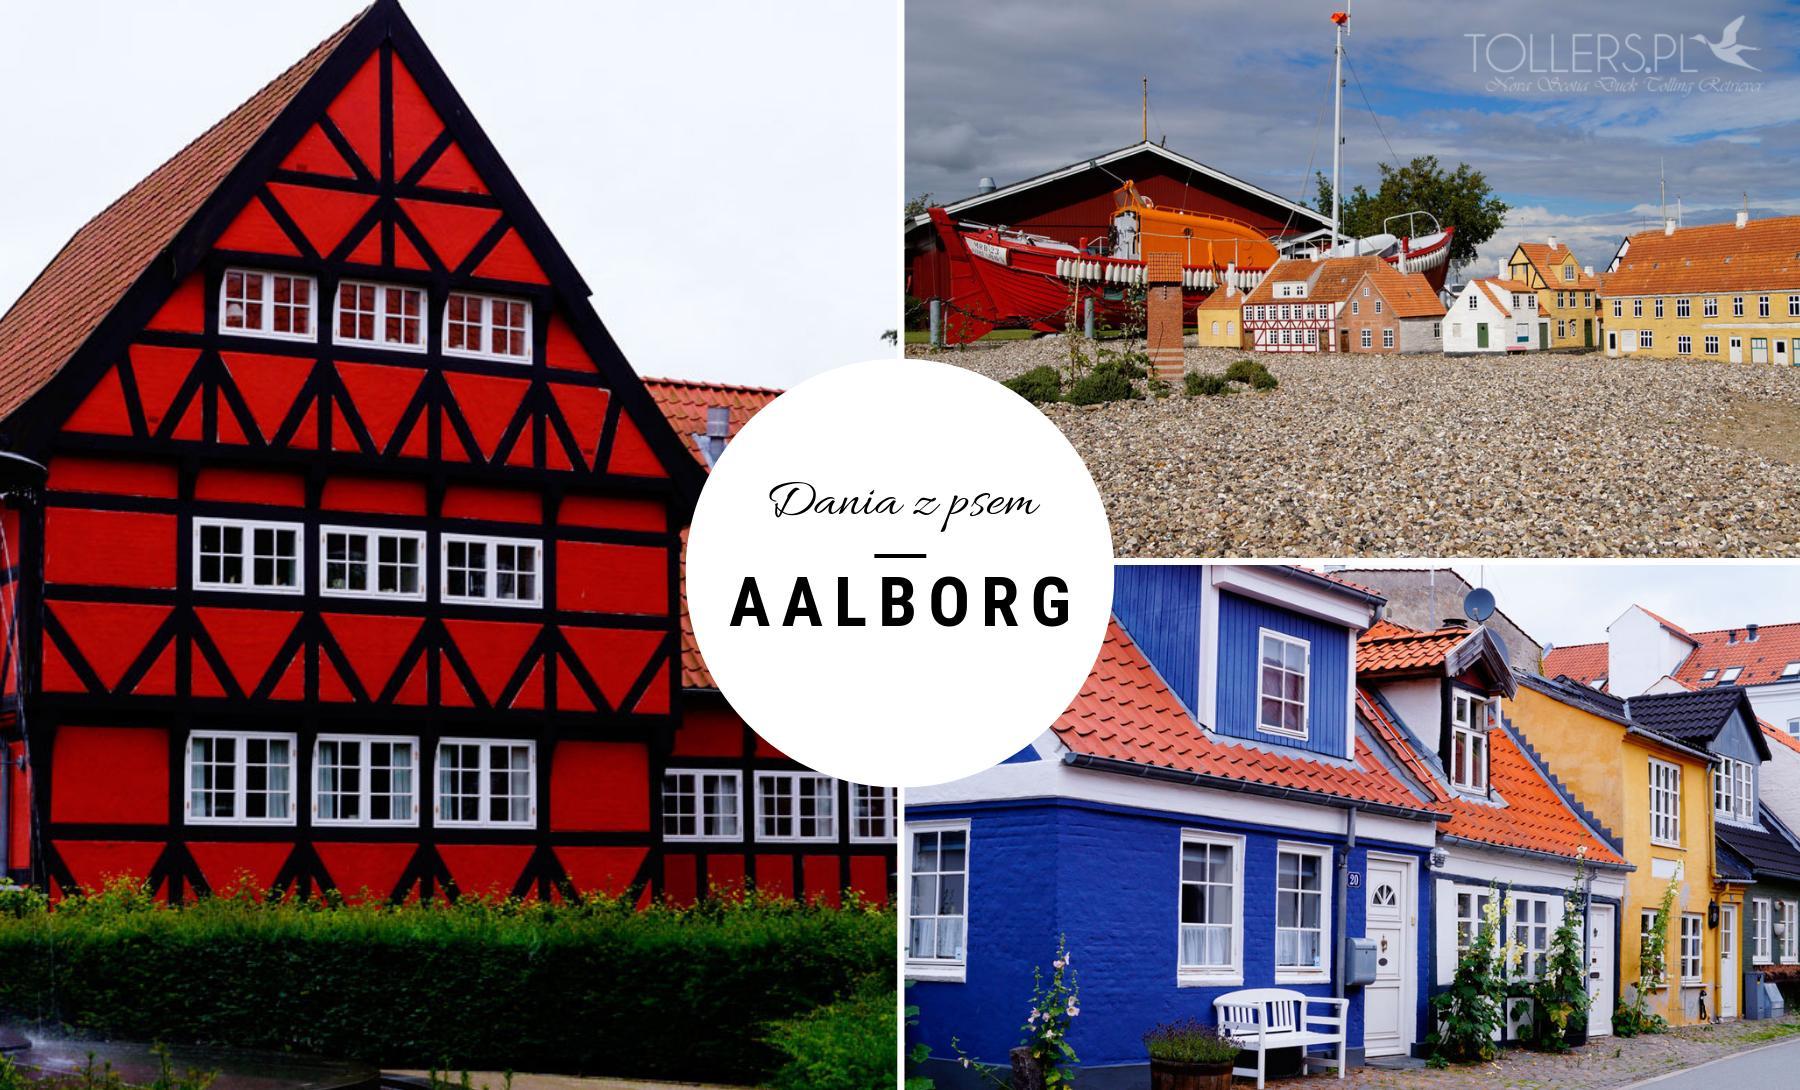 Zwiedzanie Aalborg - Dania z psem